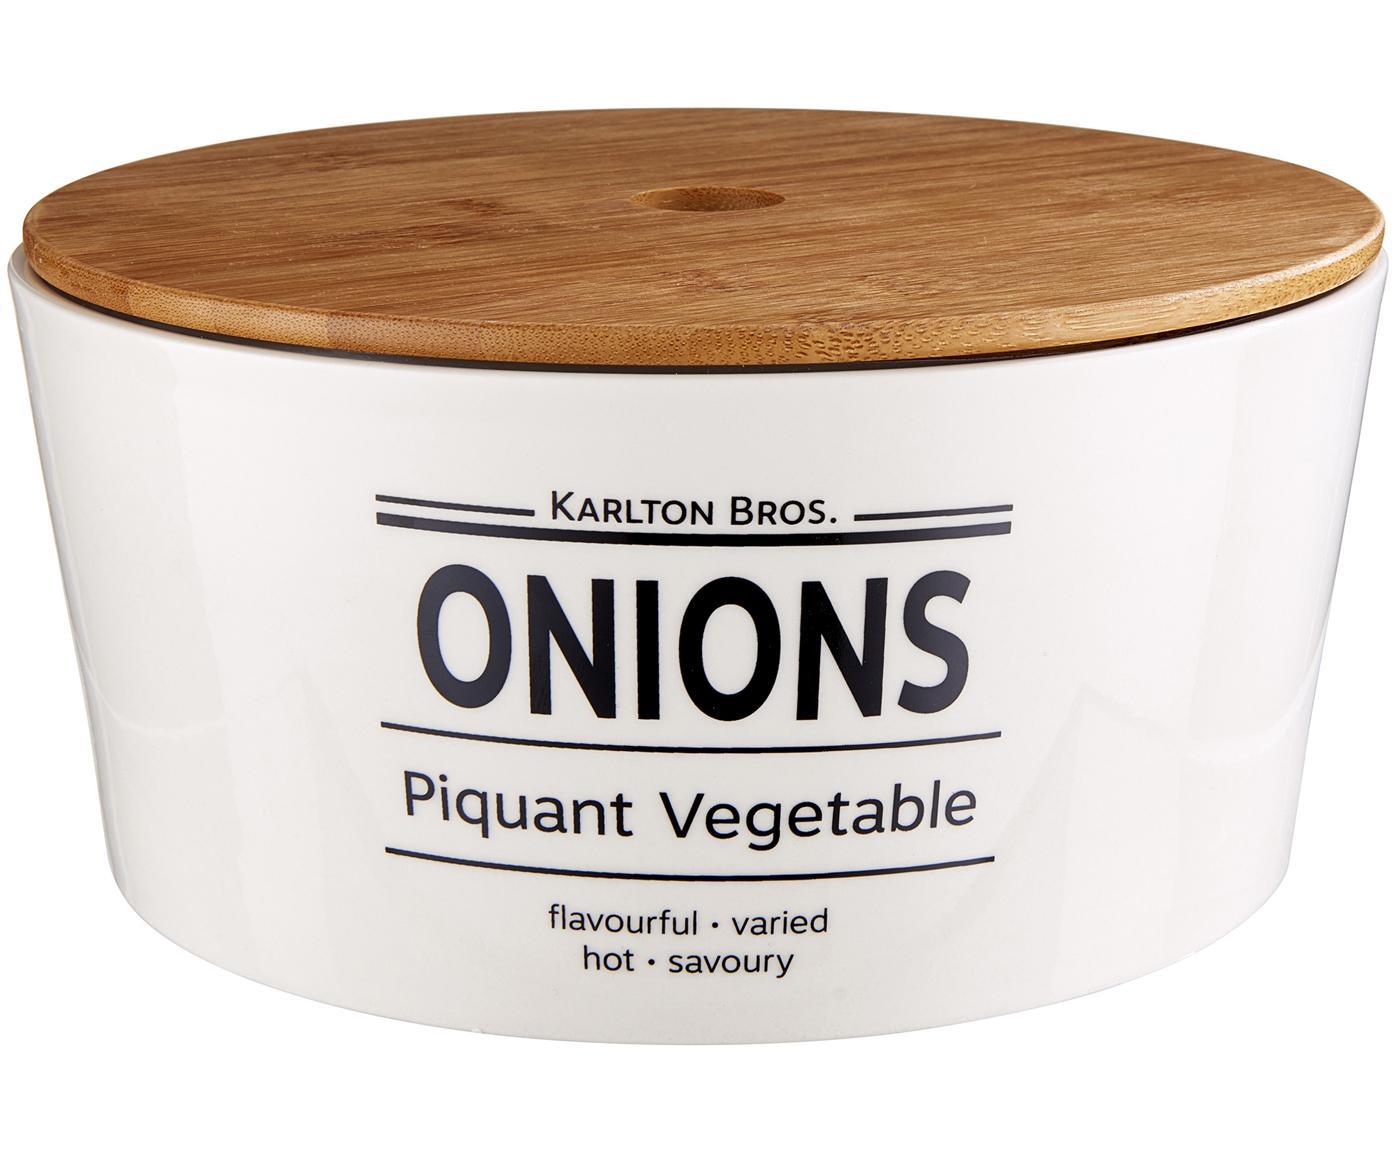 Aufbewahrungsdose Karlton Bros. Onions, Porzellan, Weiss, Schwarz, Braun, Ø 22 x H 11 cm